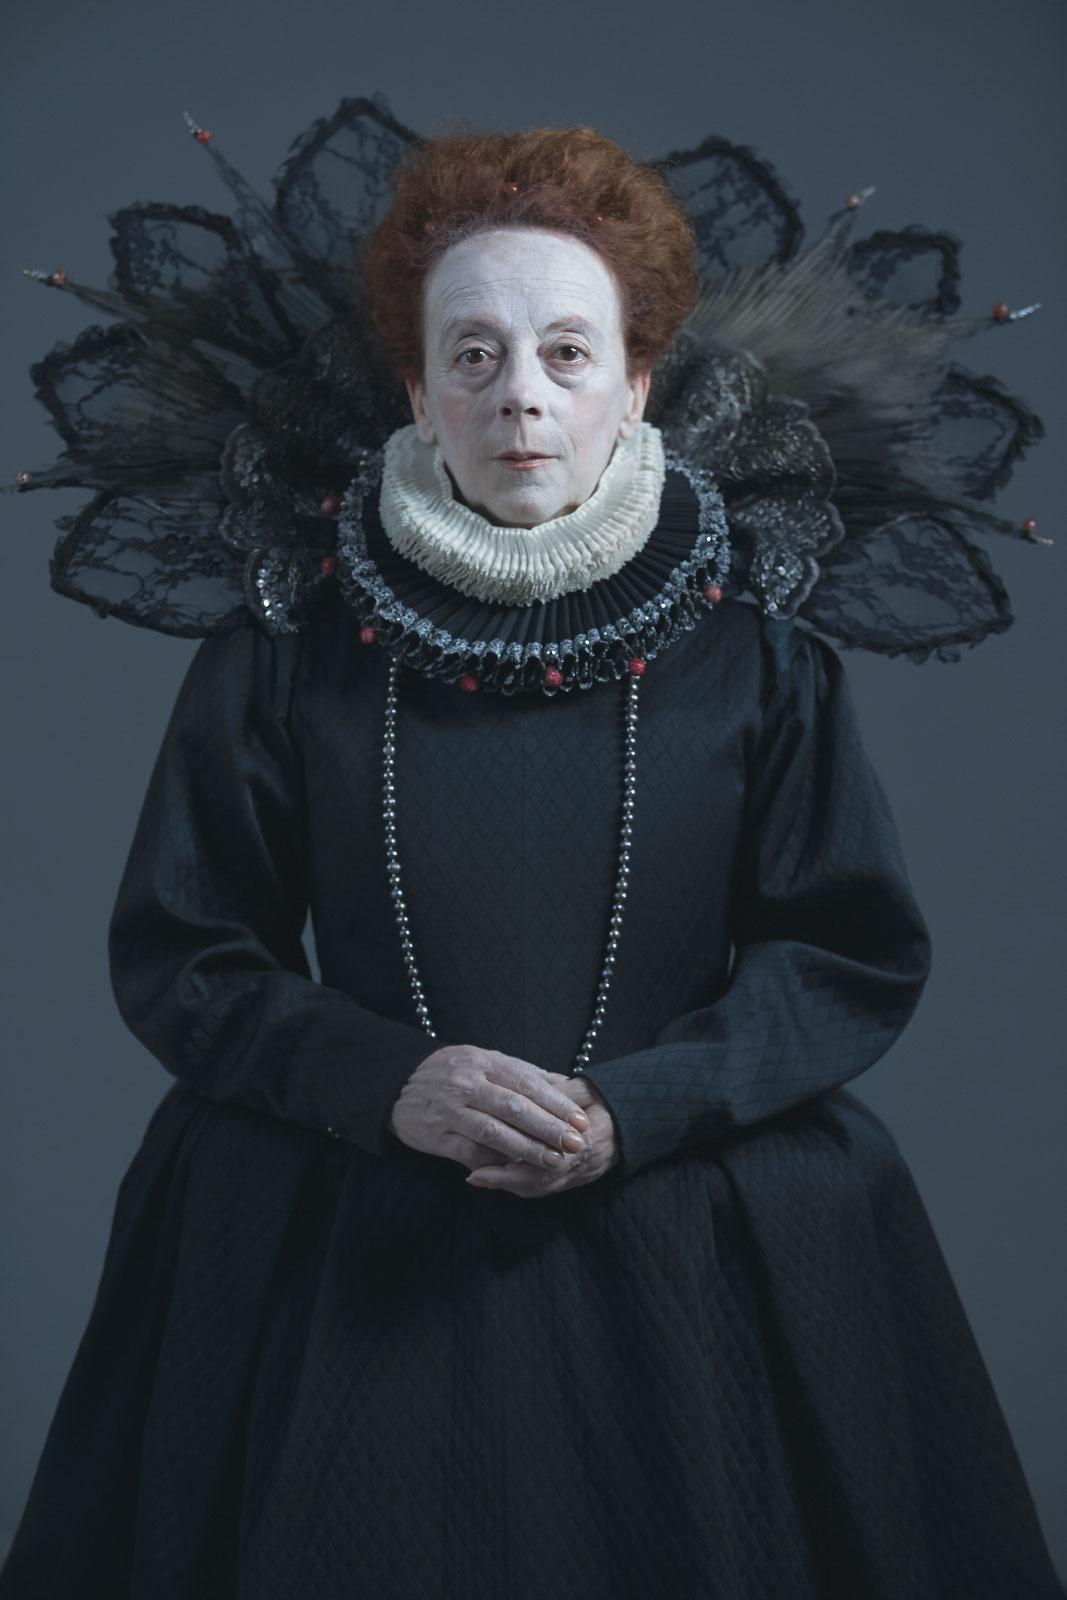 giuliofavotto_anagoor_master_mistress_elizabeth